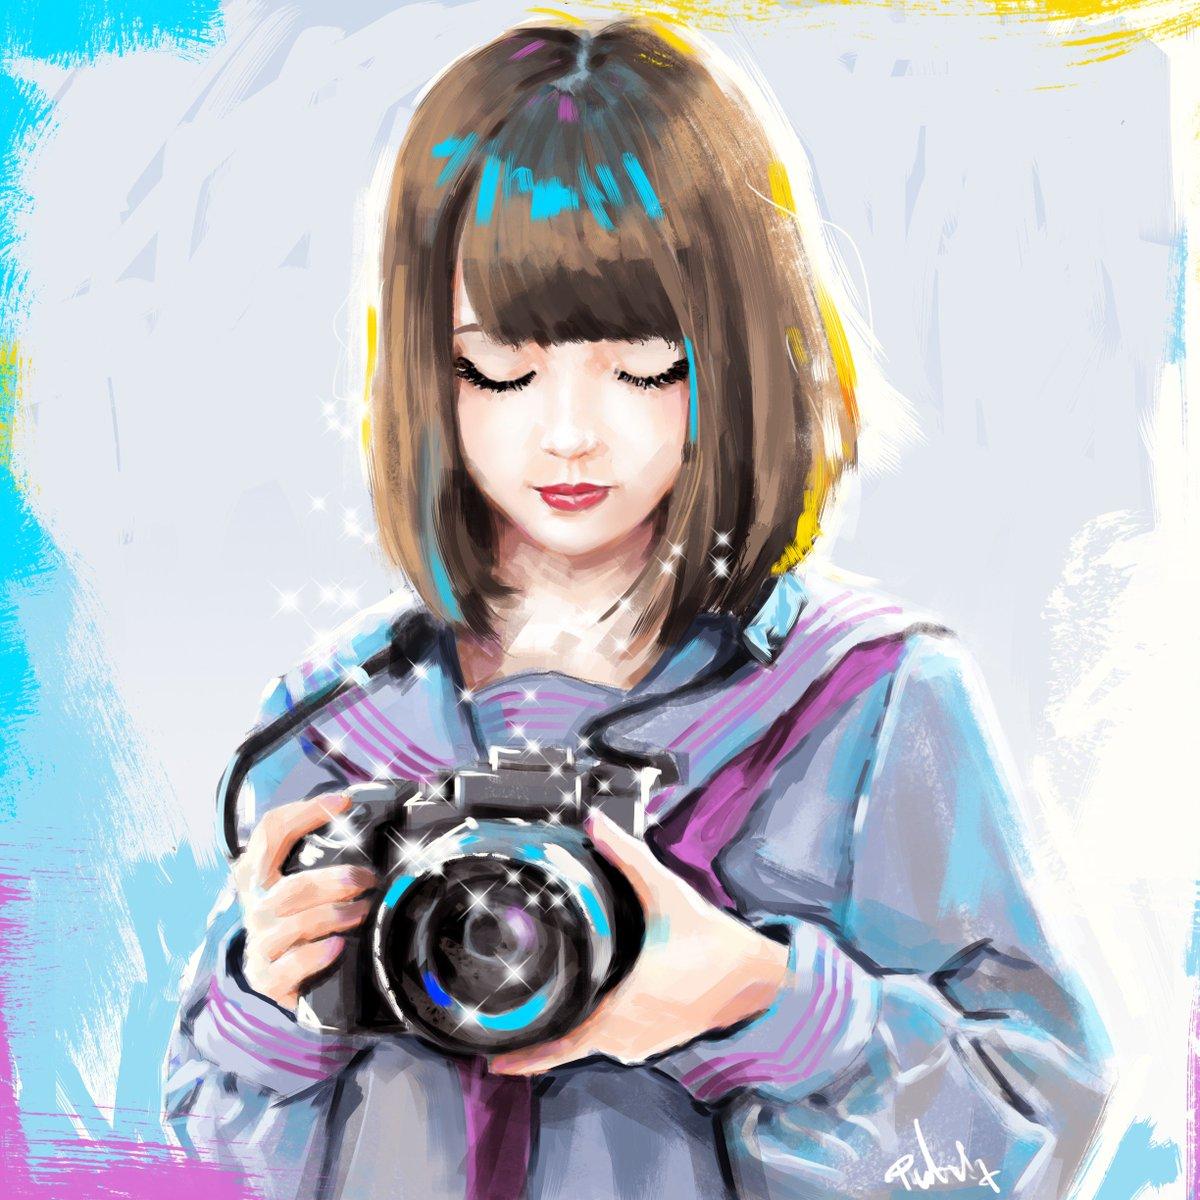 Картинки нарисованные фотограф